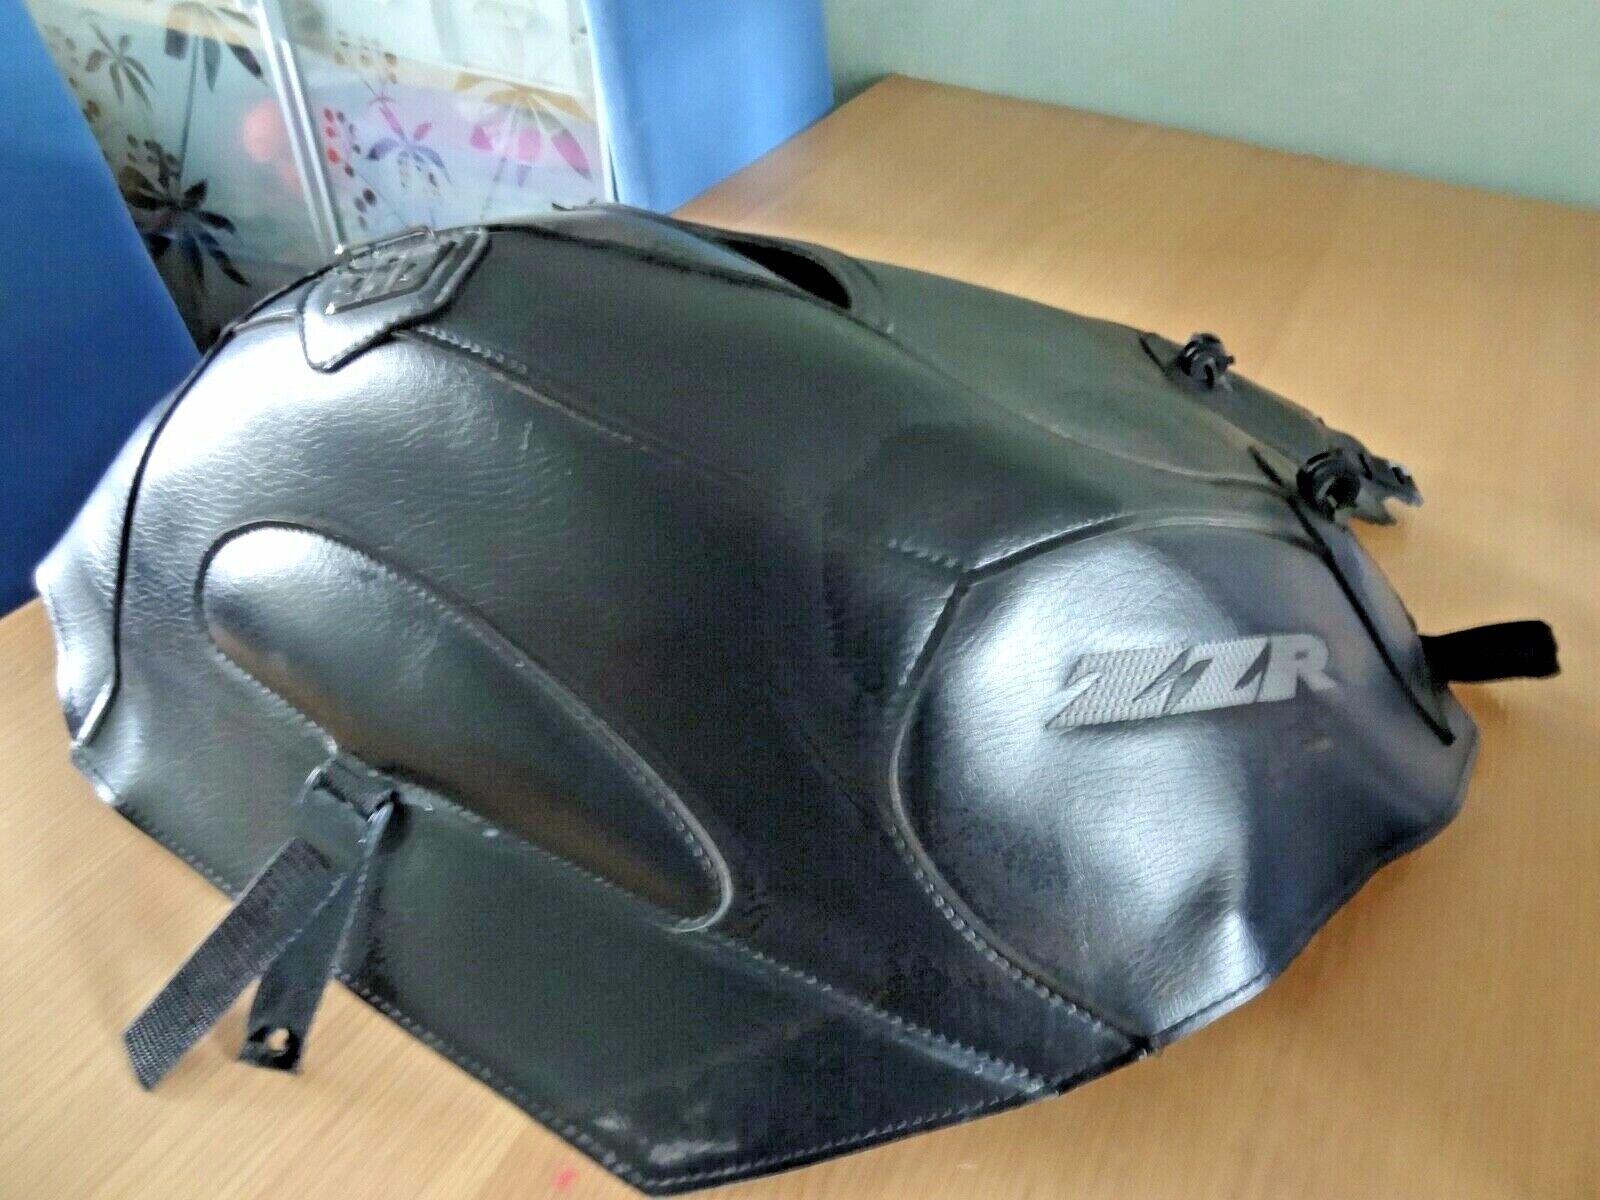 KAWASAKI ZZR1400 2014 BAGSTER tank cover BAGLUX protector IN STOCK black 1635U